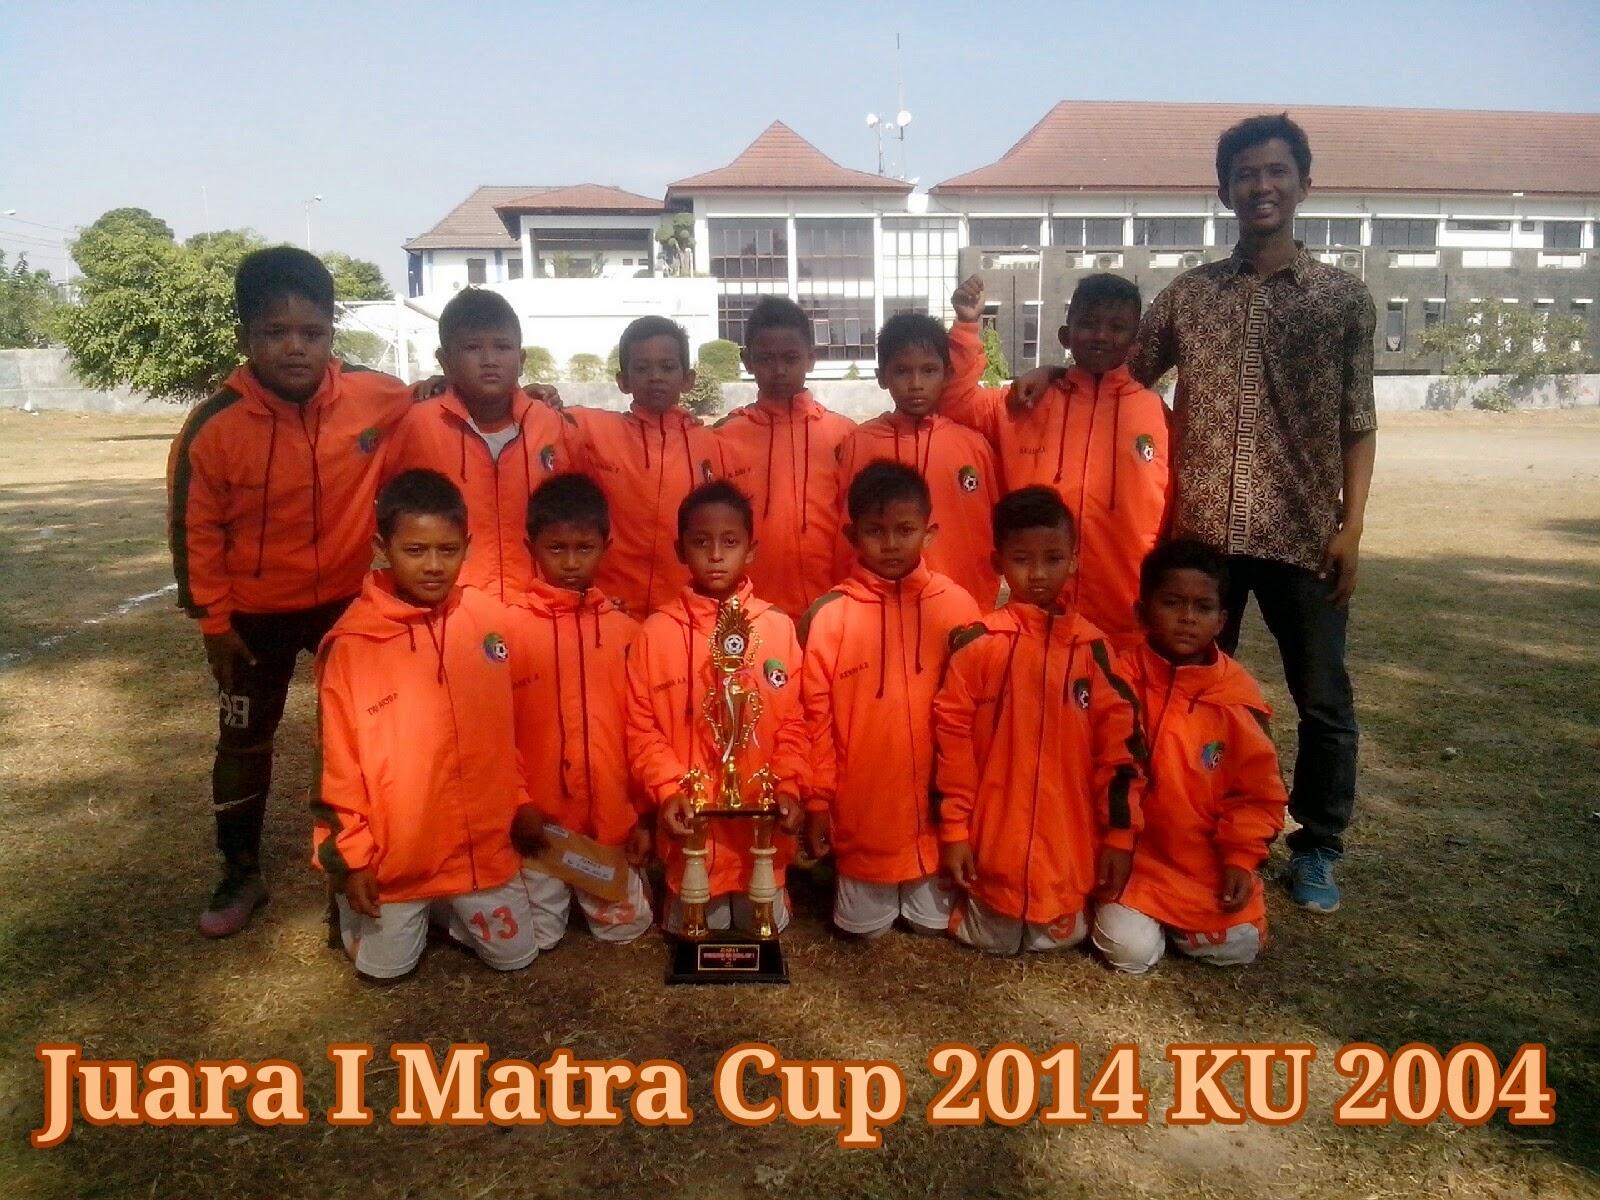 SSB Baturetno Juara I Matra Cup 2014